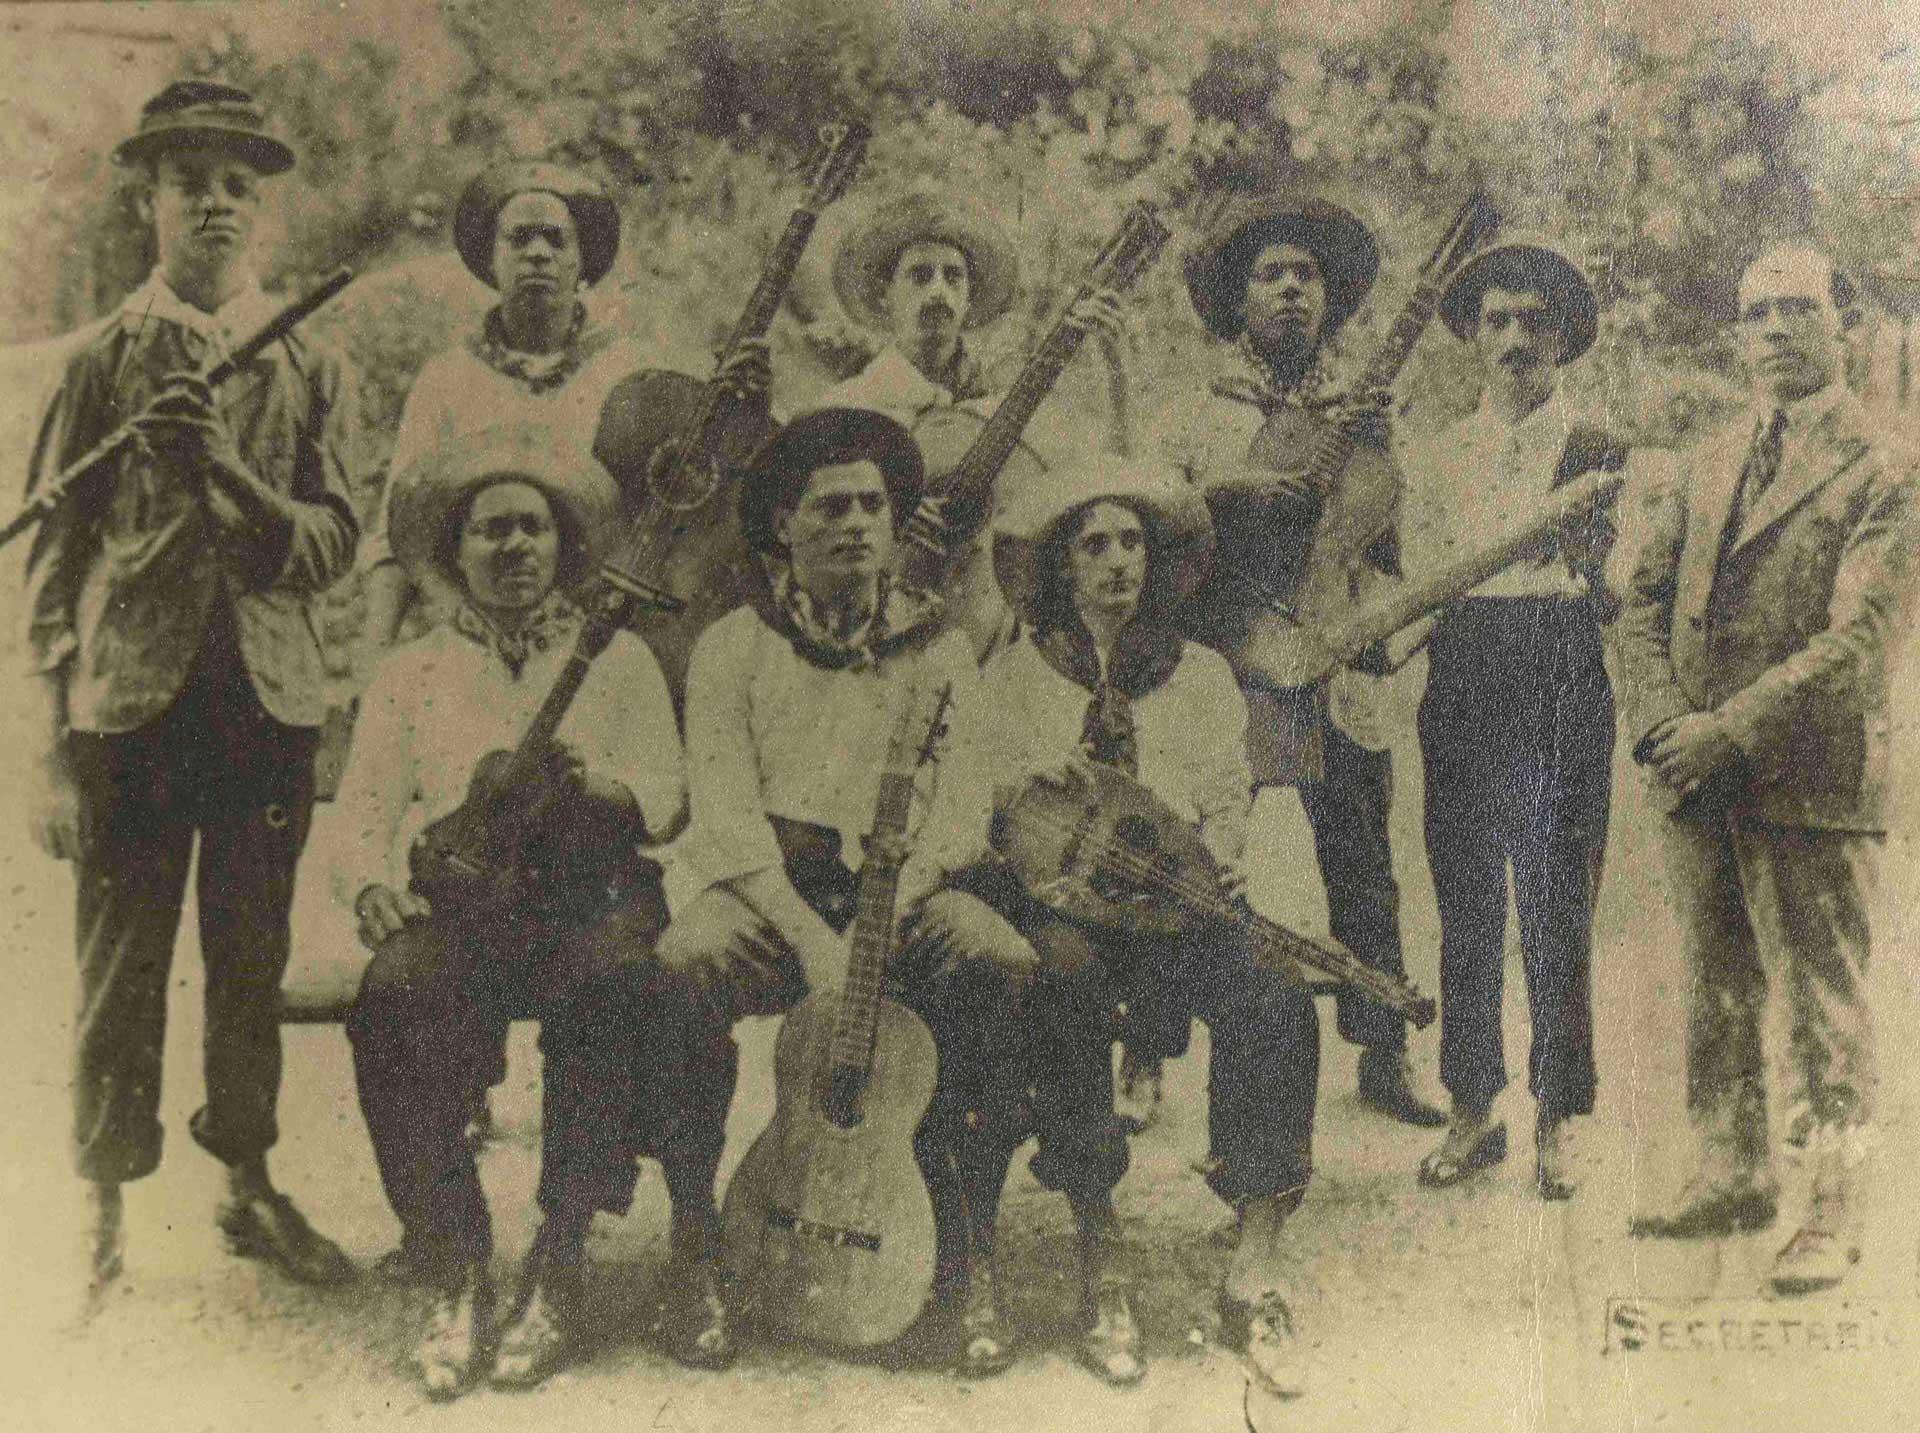 Os Oito Batutas. Em pé: Pixinguinha (flauta), Donga (violão), Raul Palmieri (violão), China (violão), Jacob Palmieri (ganzá) e José Alves. Sentados: Nelson Alves (cavaquinho), João Pernambuco (violão) e Luiz de Oliveira (bandola). (MIS_SCabral_103894 / Acervo Sérgio Cabral / MIS-RJ)